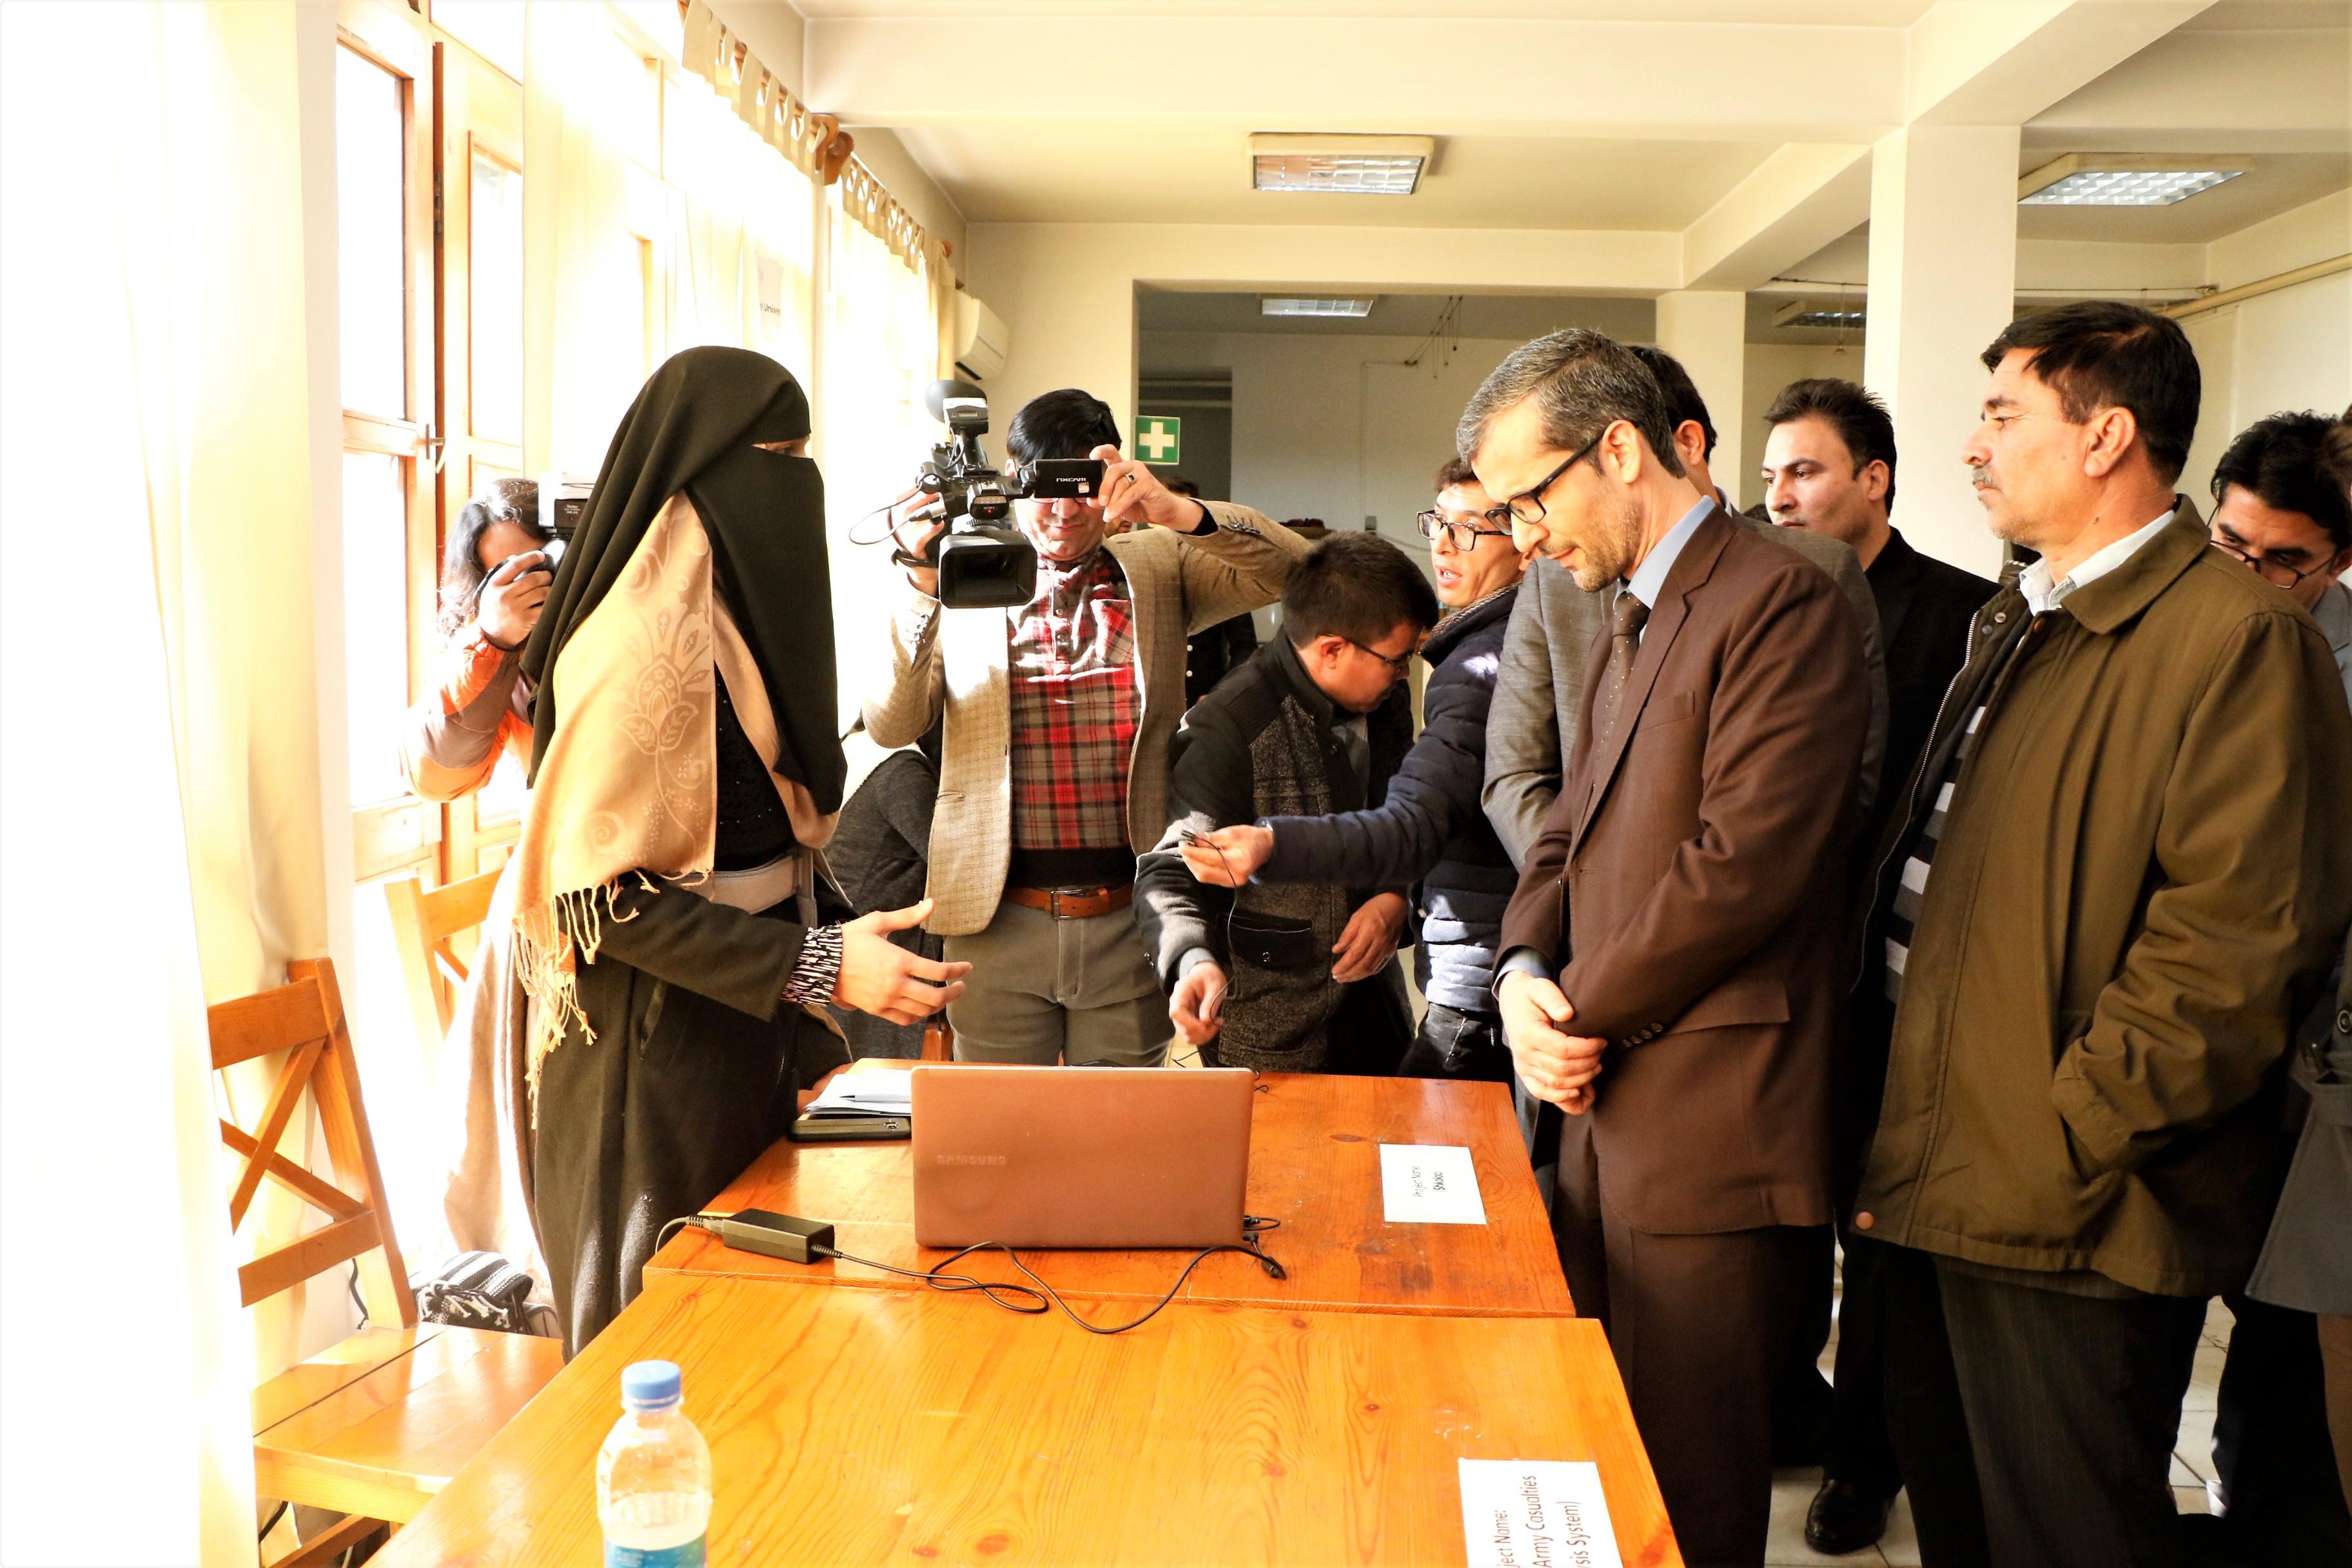 نمایشگاه تکنالوژی معلوماتی